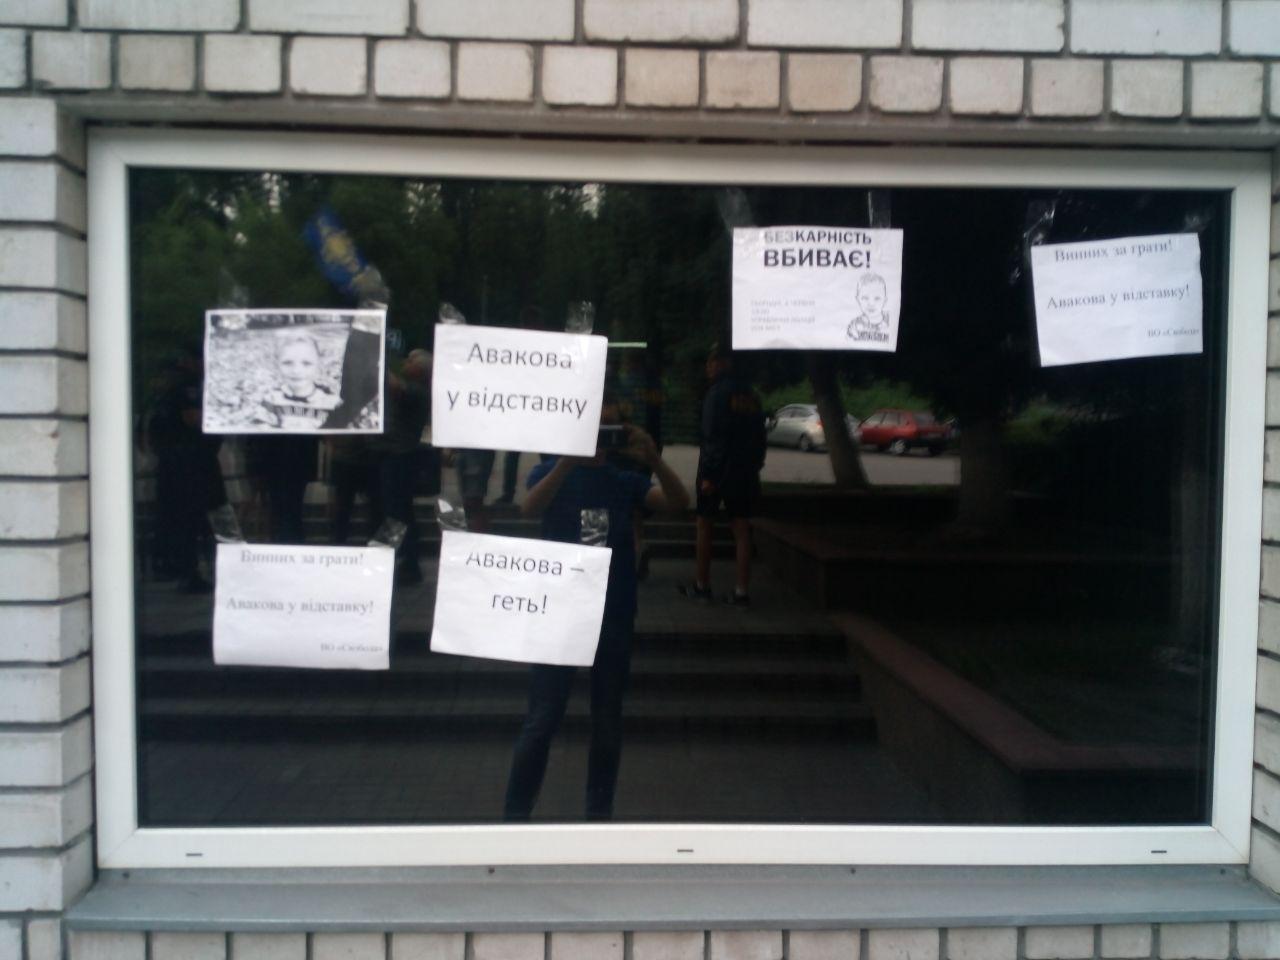 «Безкарність вбиває»: в Каменском митинговали у отдела полиции, фото-1